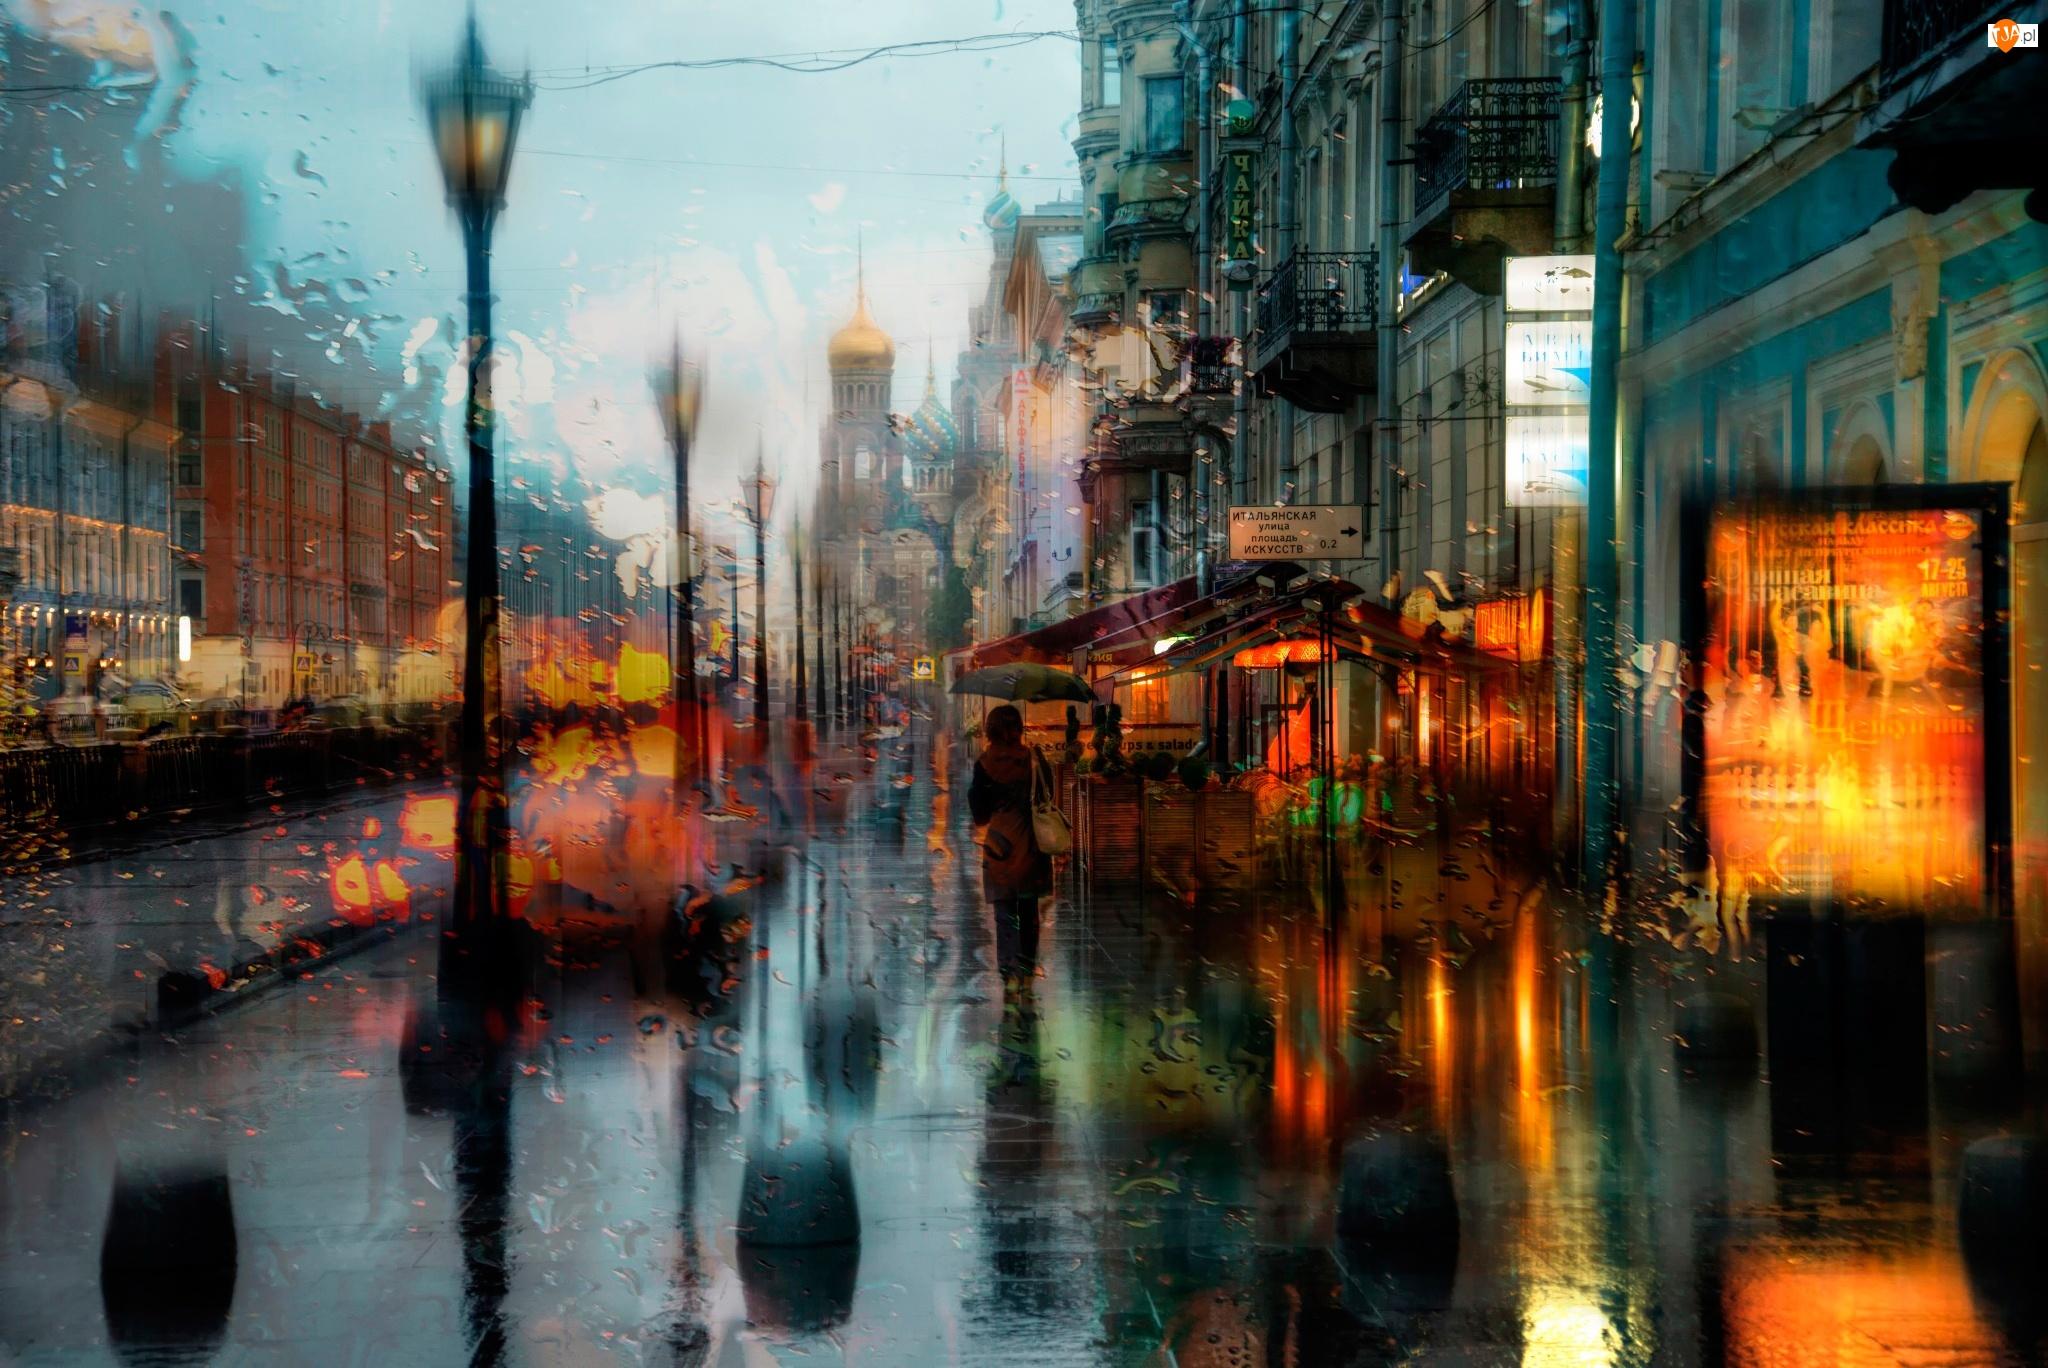 Rosja, Cerkiew, Ulica, Deszcz